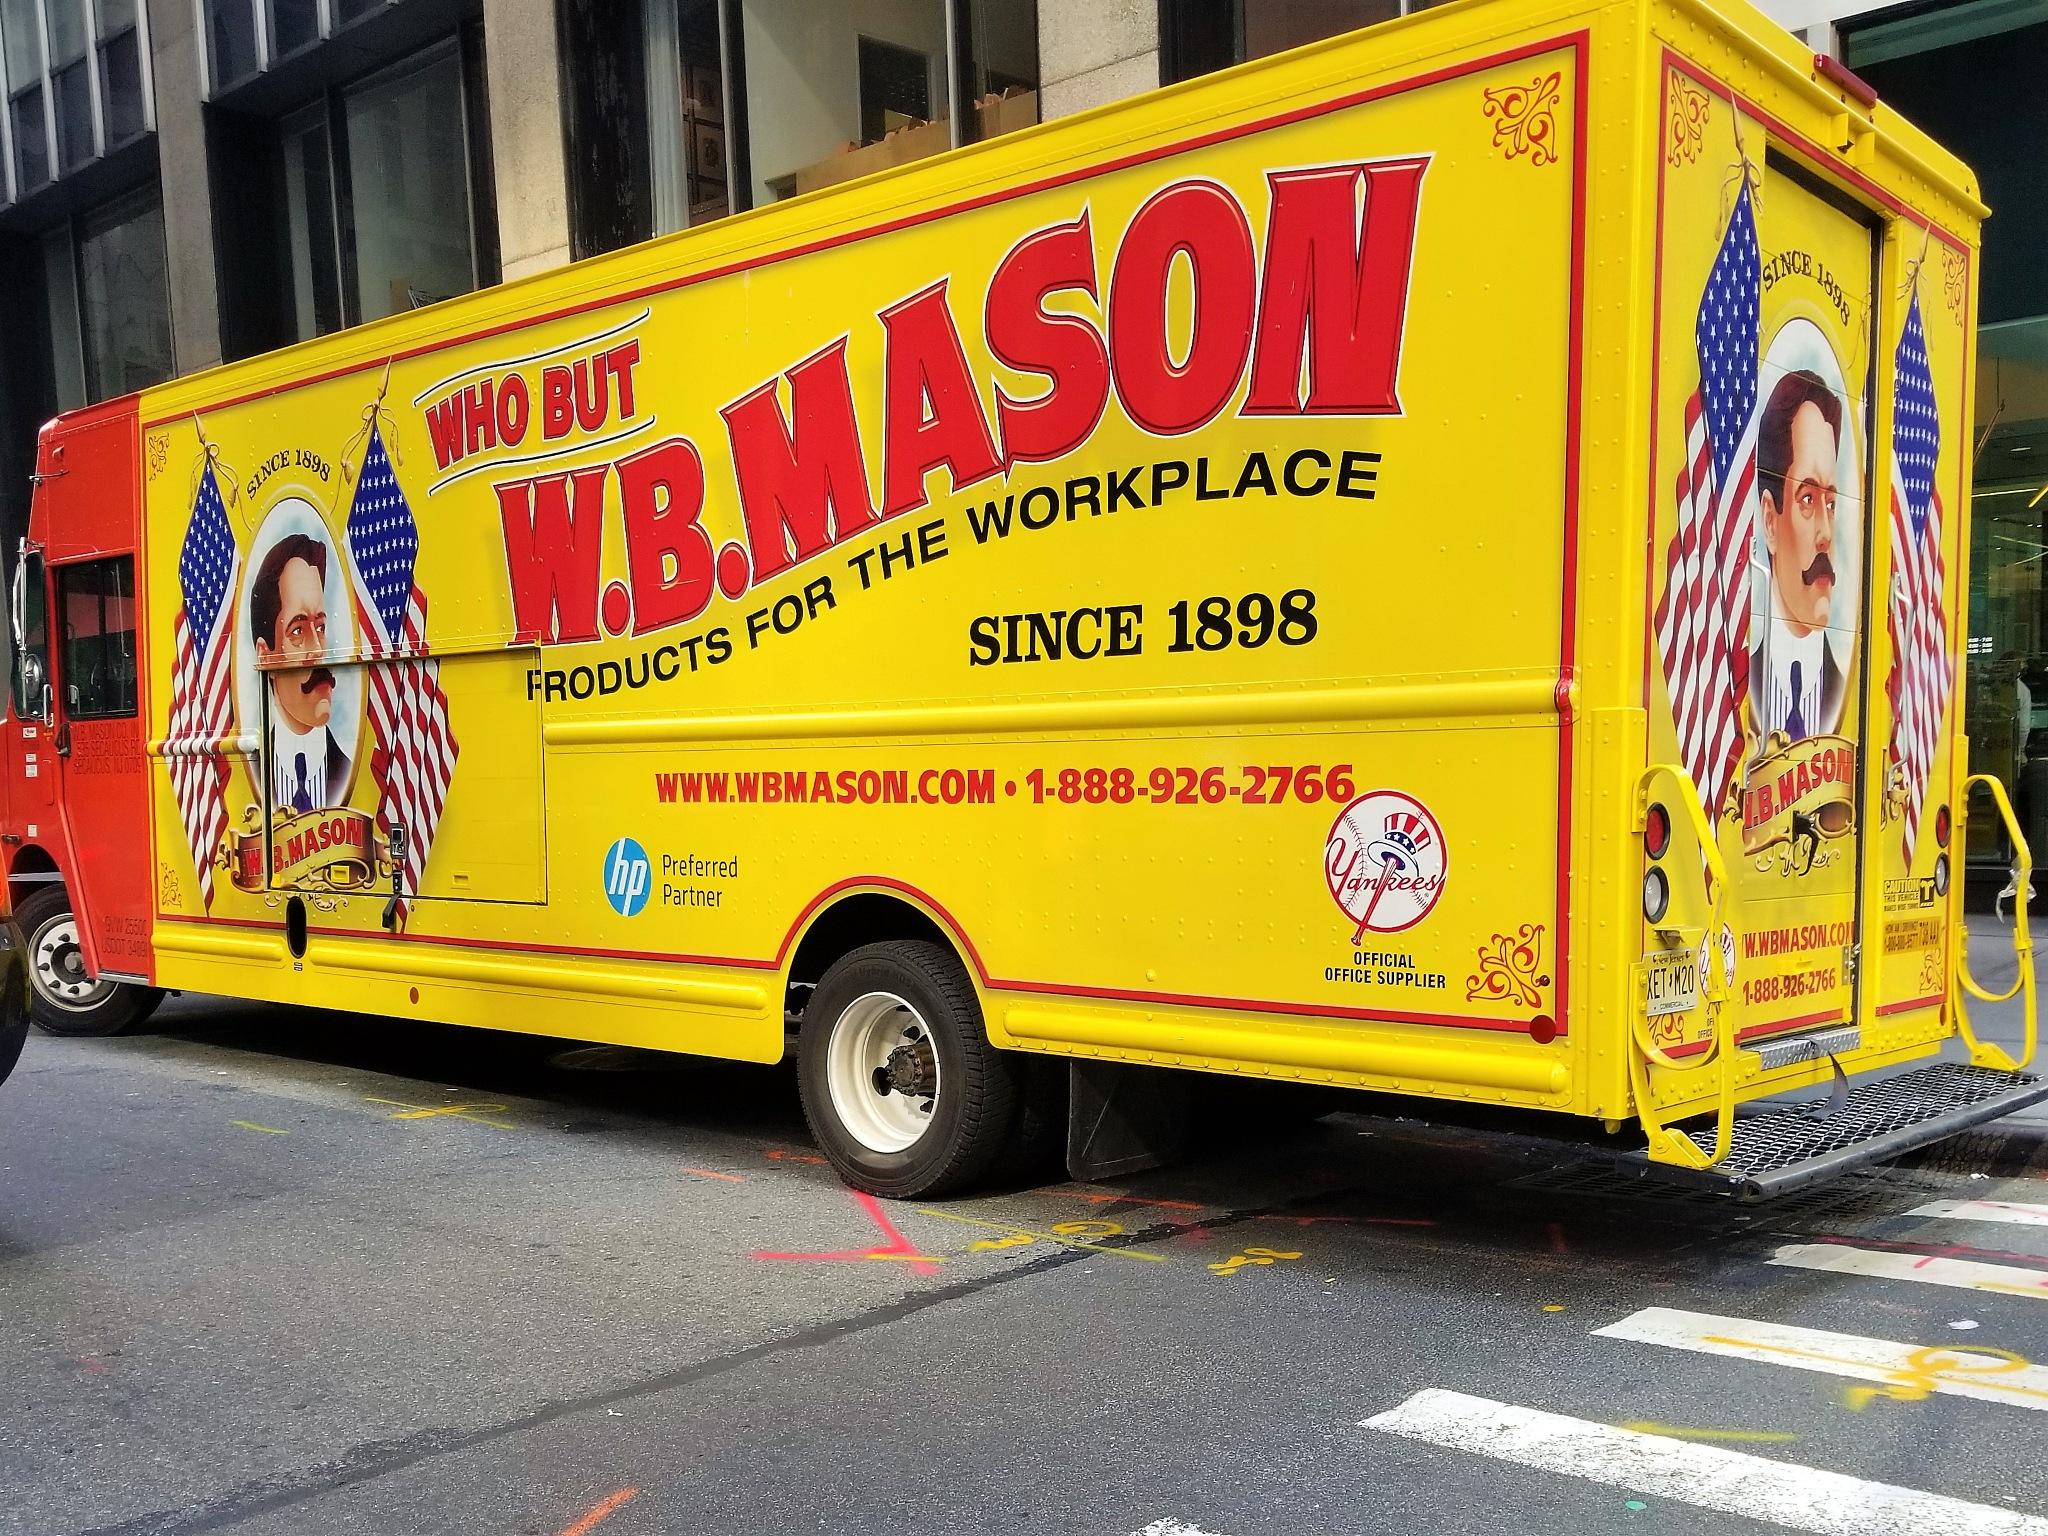 Patriotic WB Mason Truck, New York City, New York by Sheri Fresonke Harper